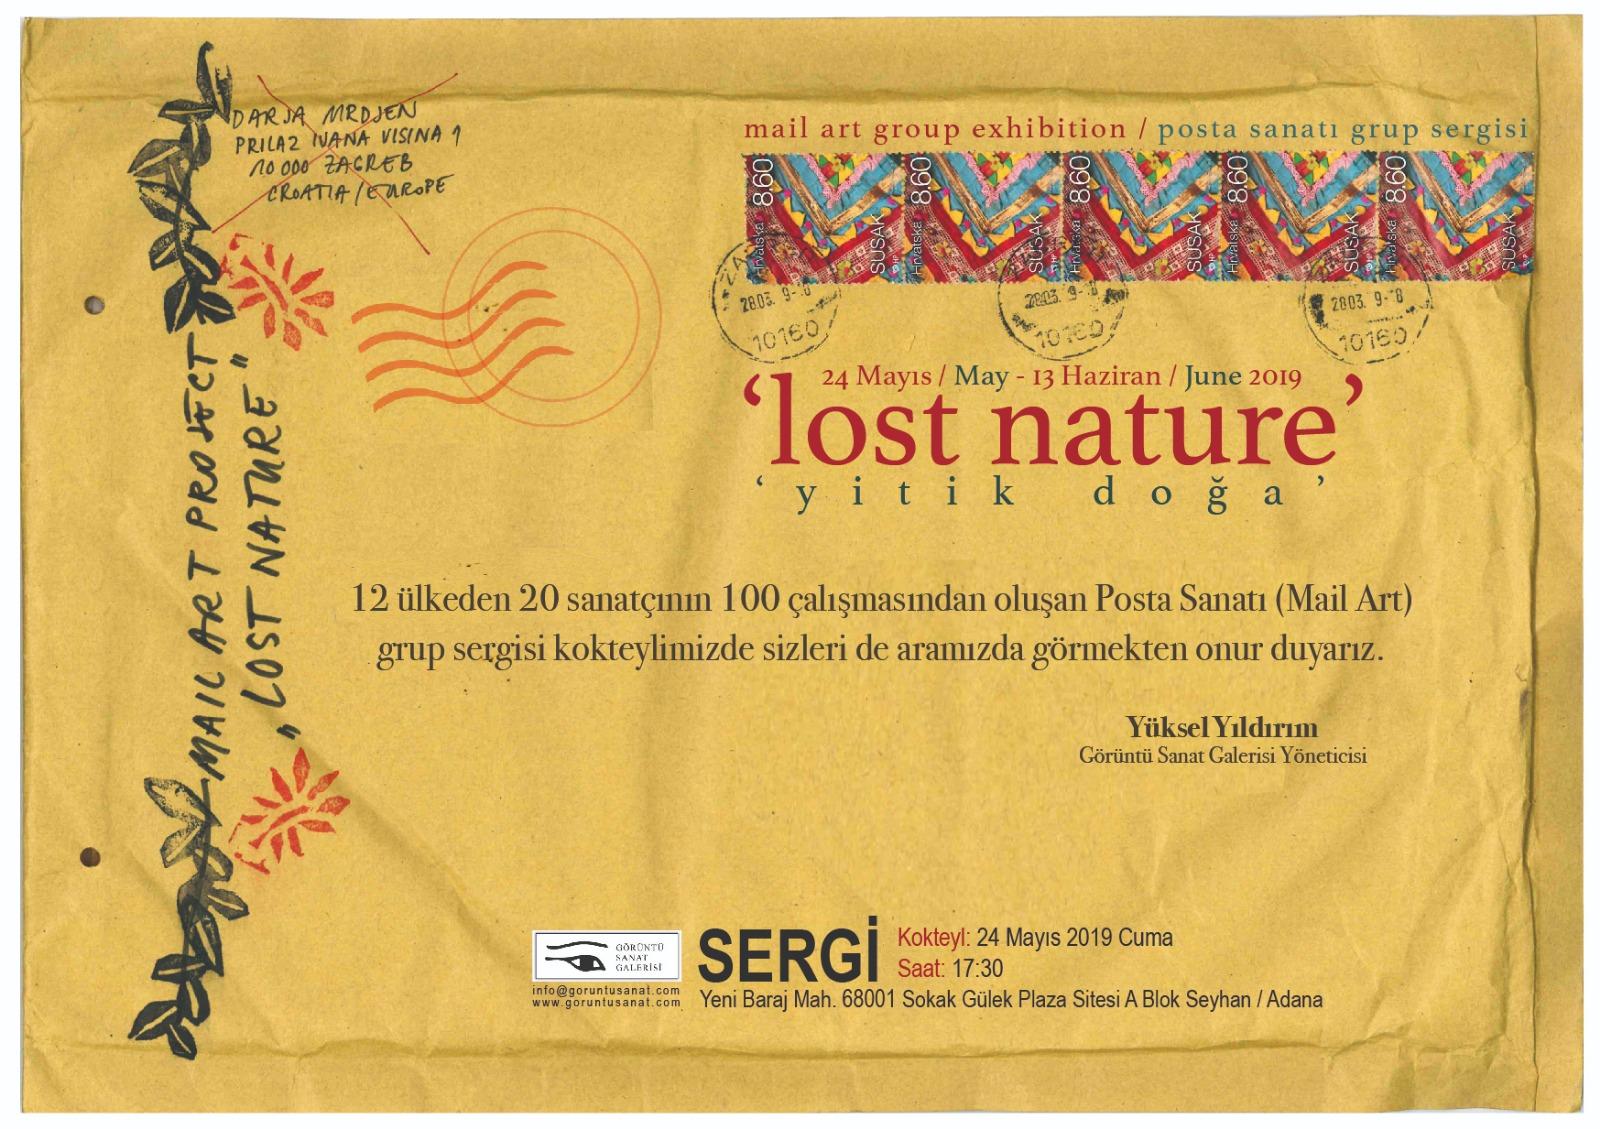 lost nature (yitik doğa) posta sanatı grup sergisi